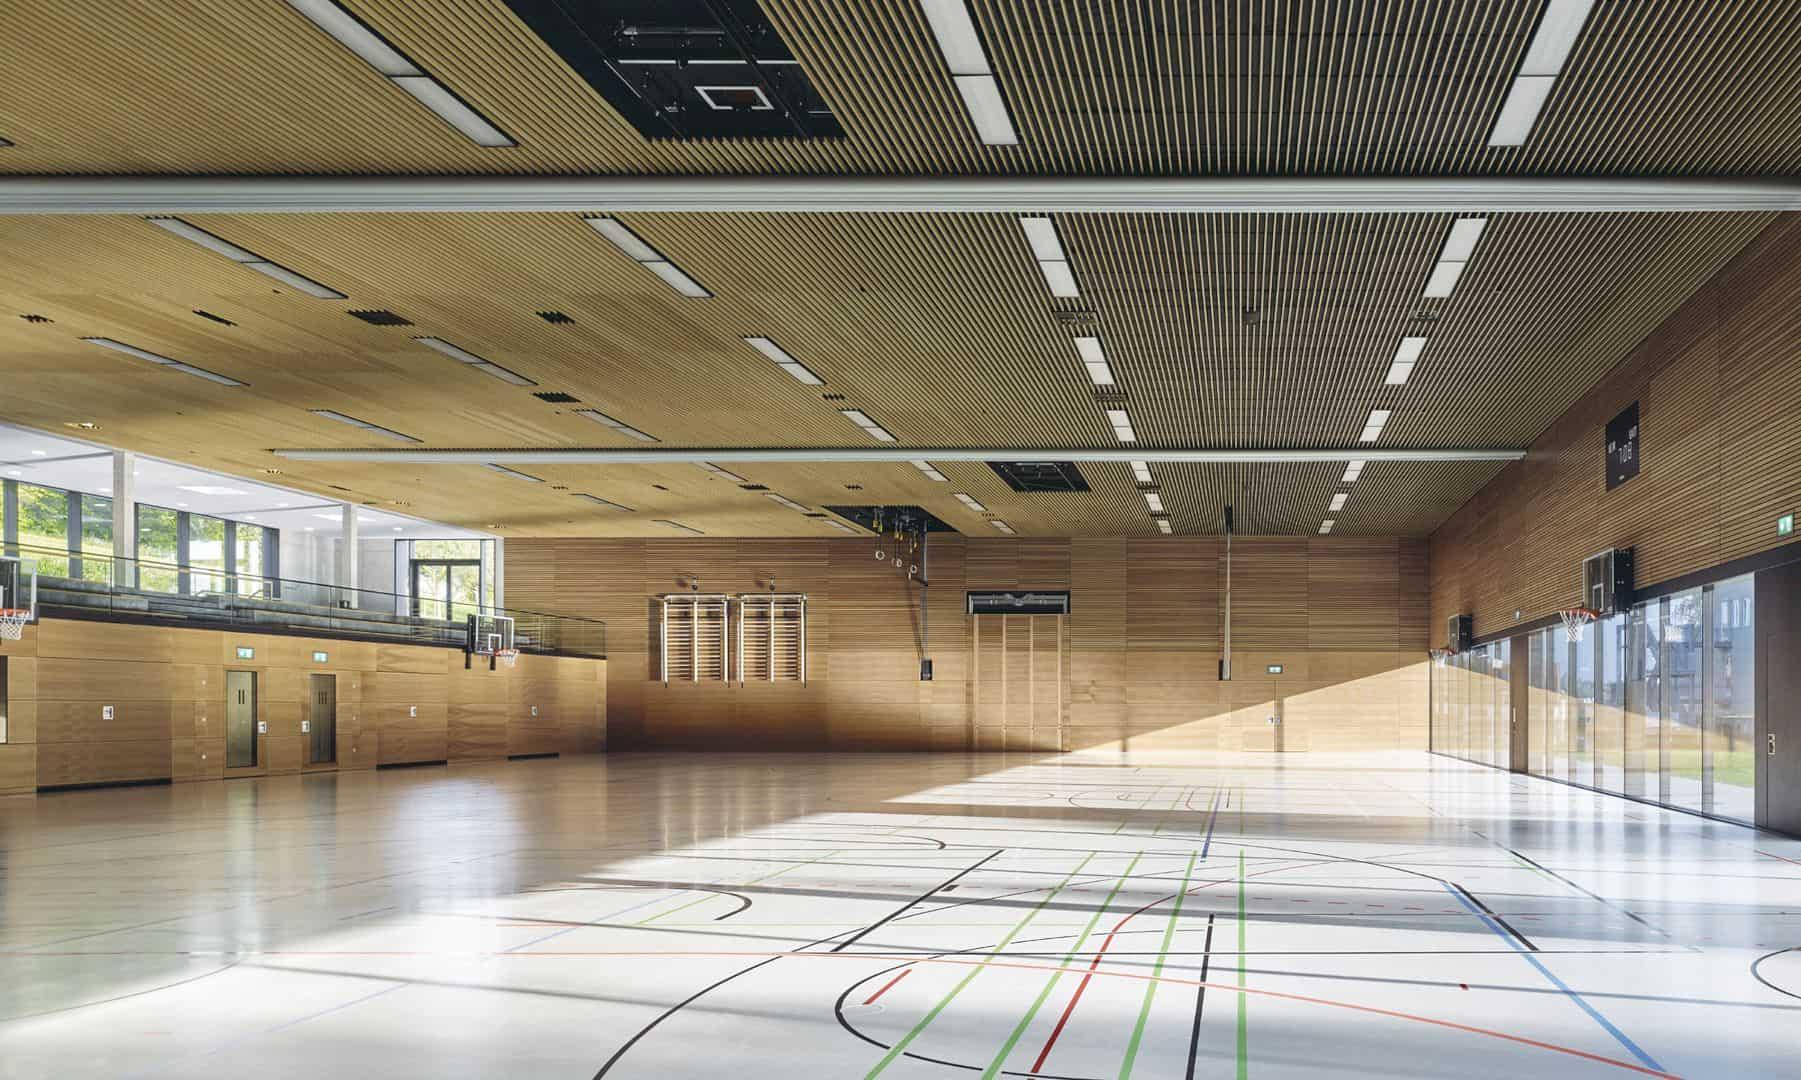 Schönberghalle A Multifunctional Gymnasium In Swabian Alps 2